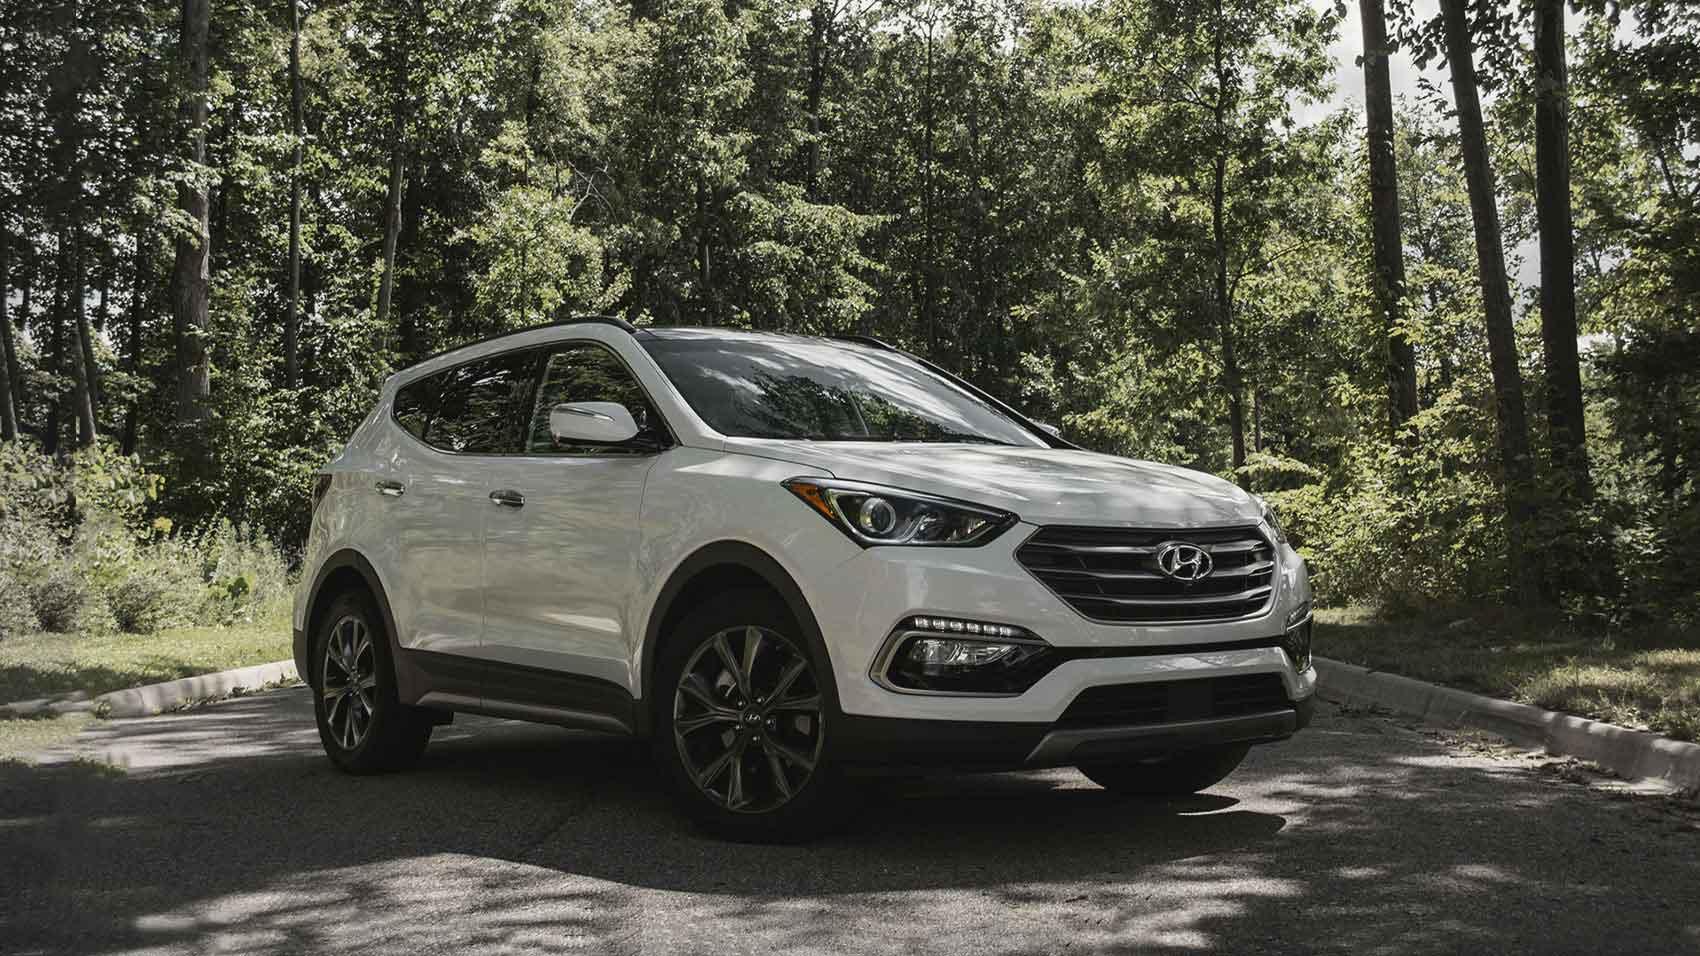 Hyundai Santafe new